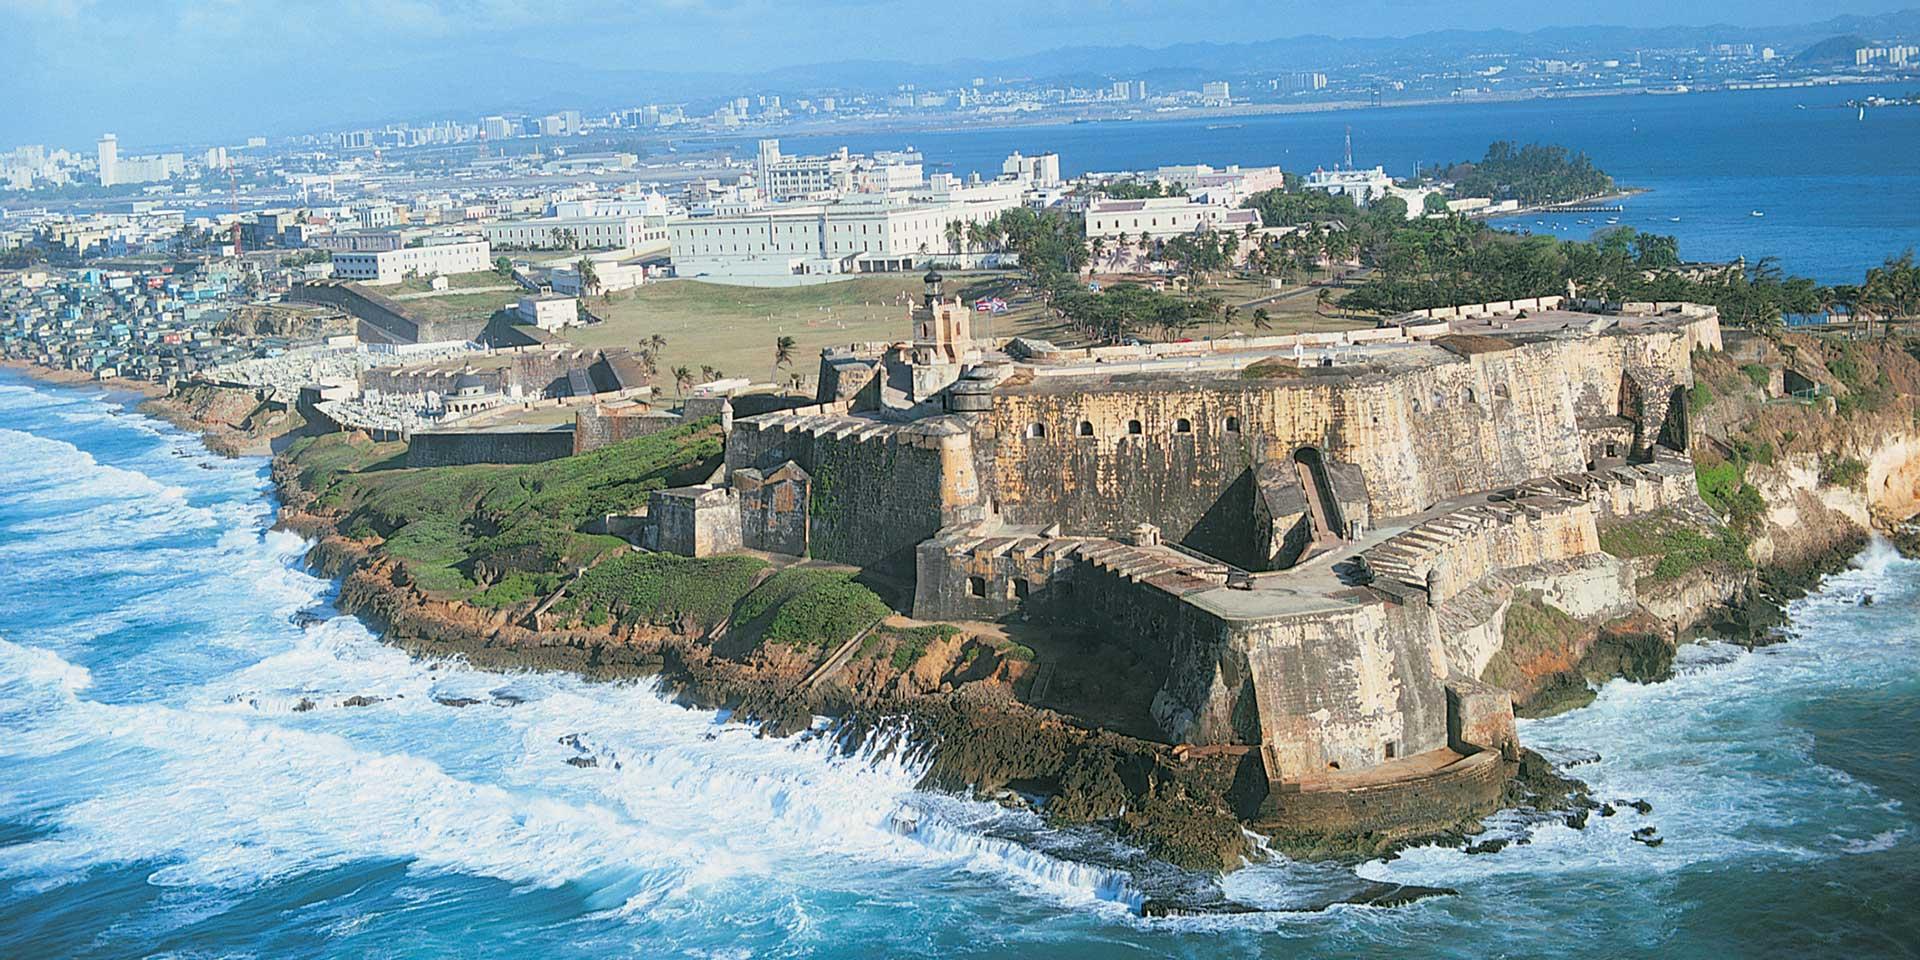 Puerto Rico Top 10 Attractions